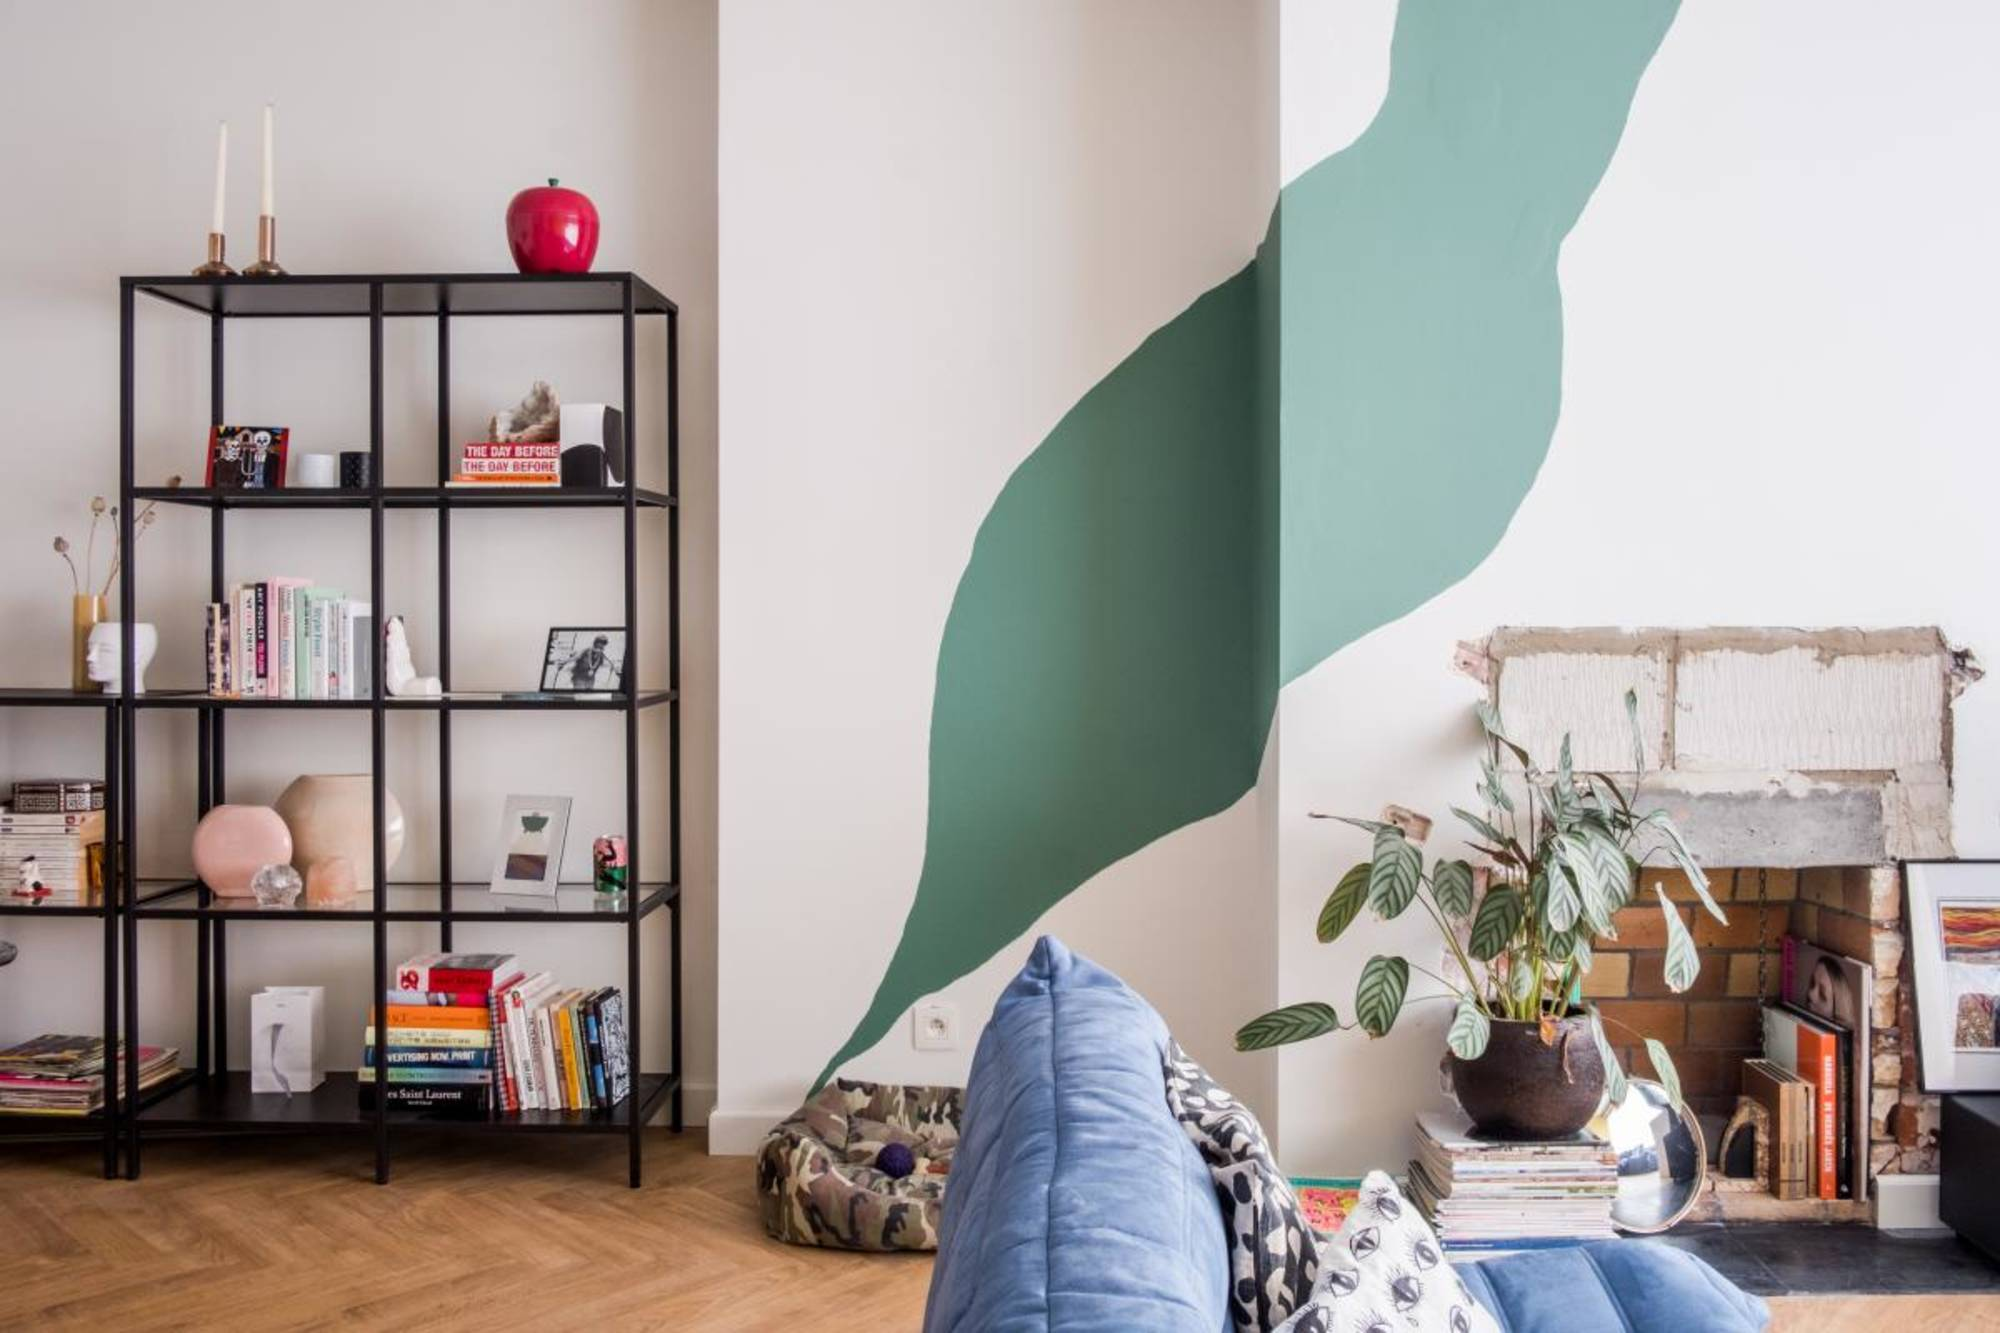 Thuisblijven deze zomer? 5 frisse kleurtips & schilderhacks